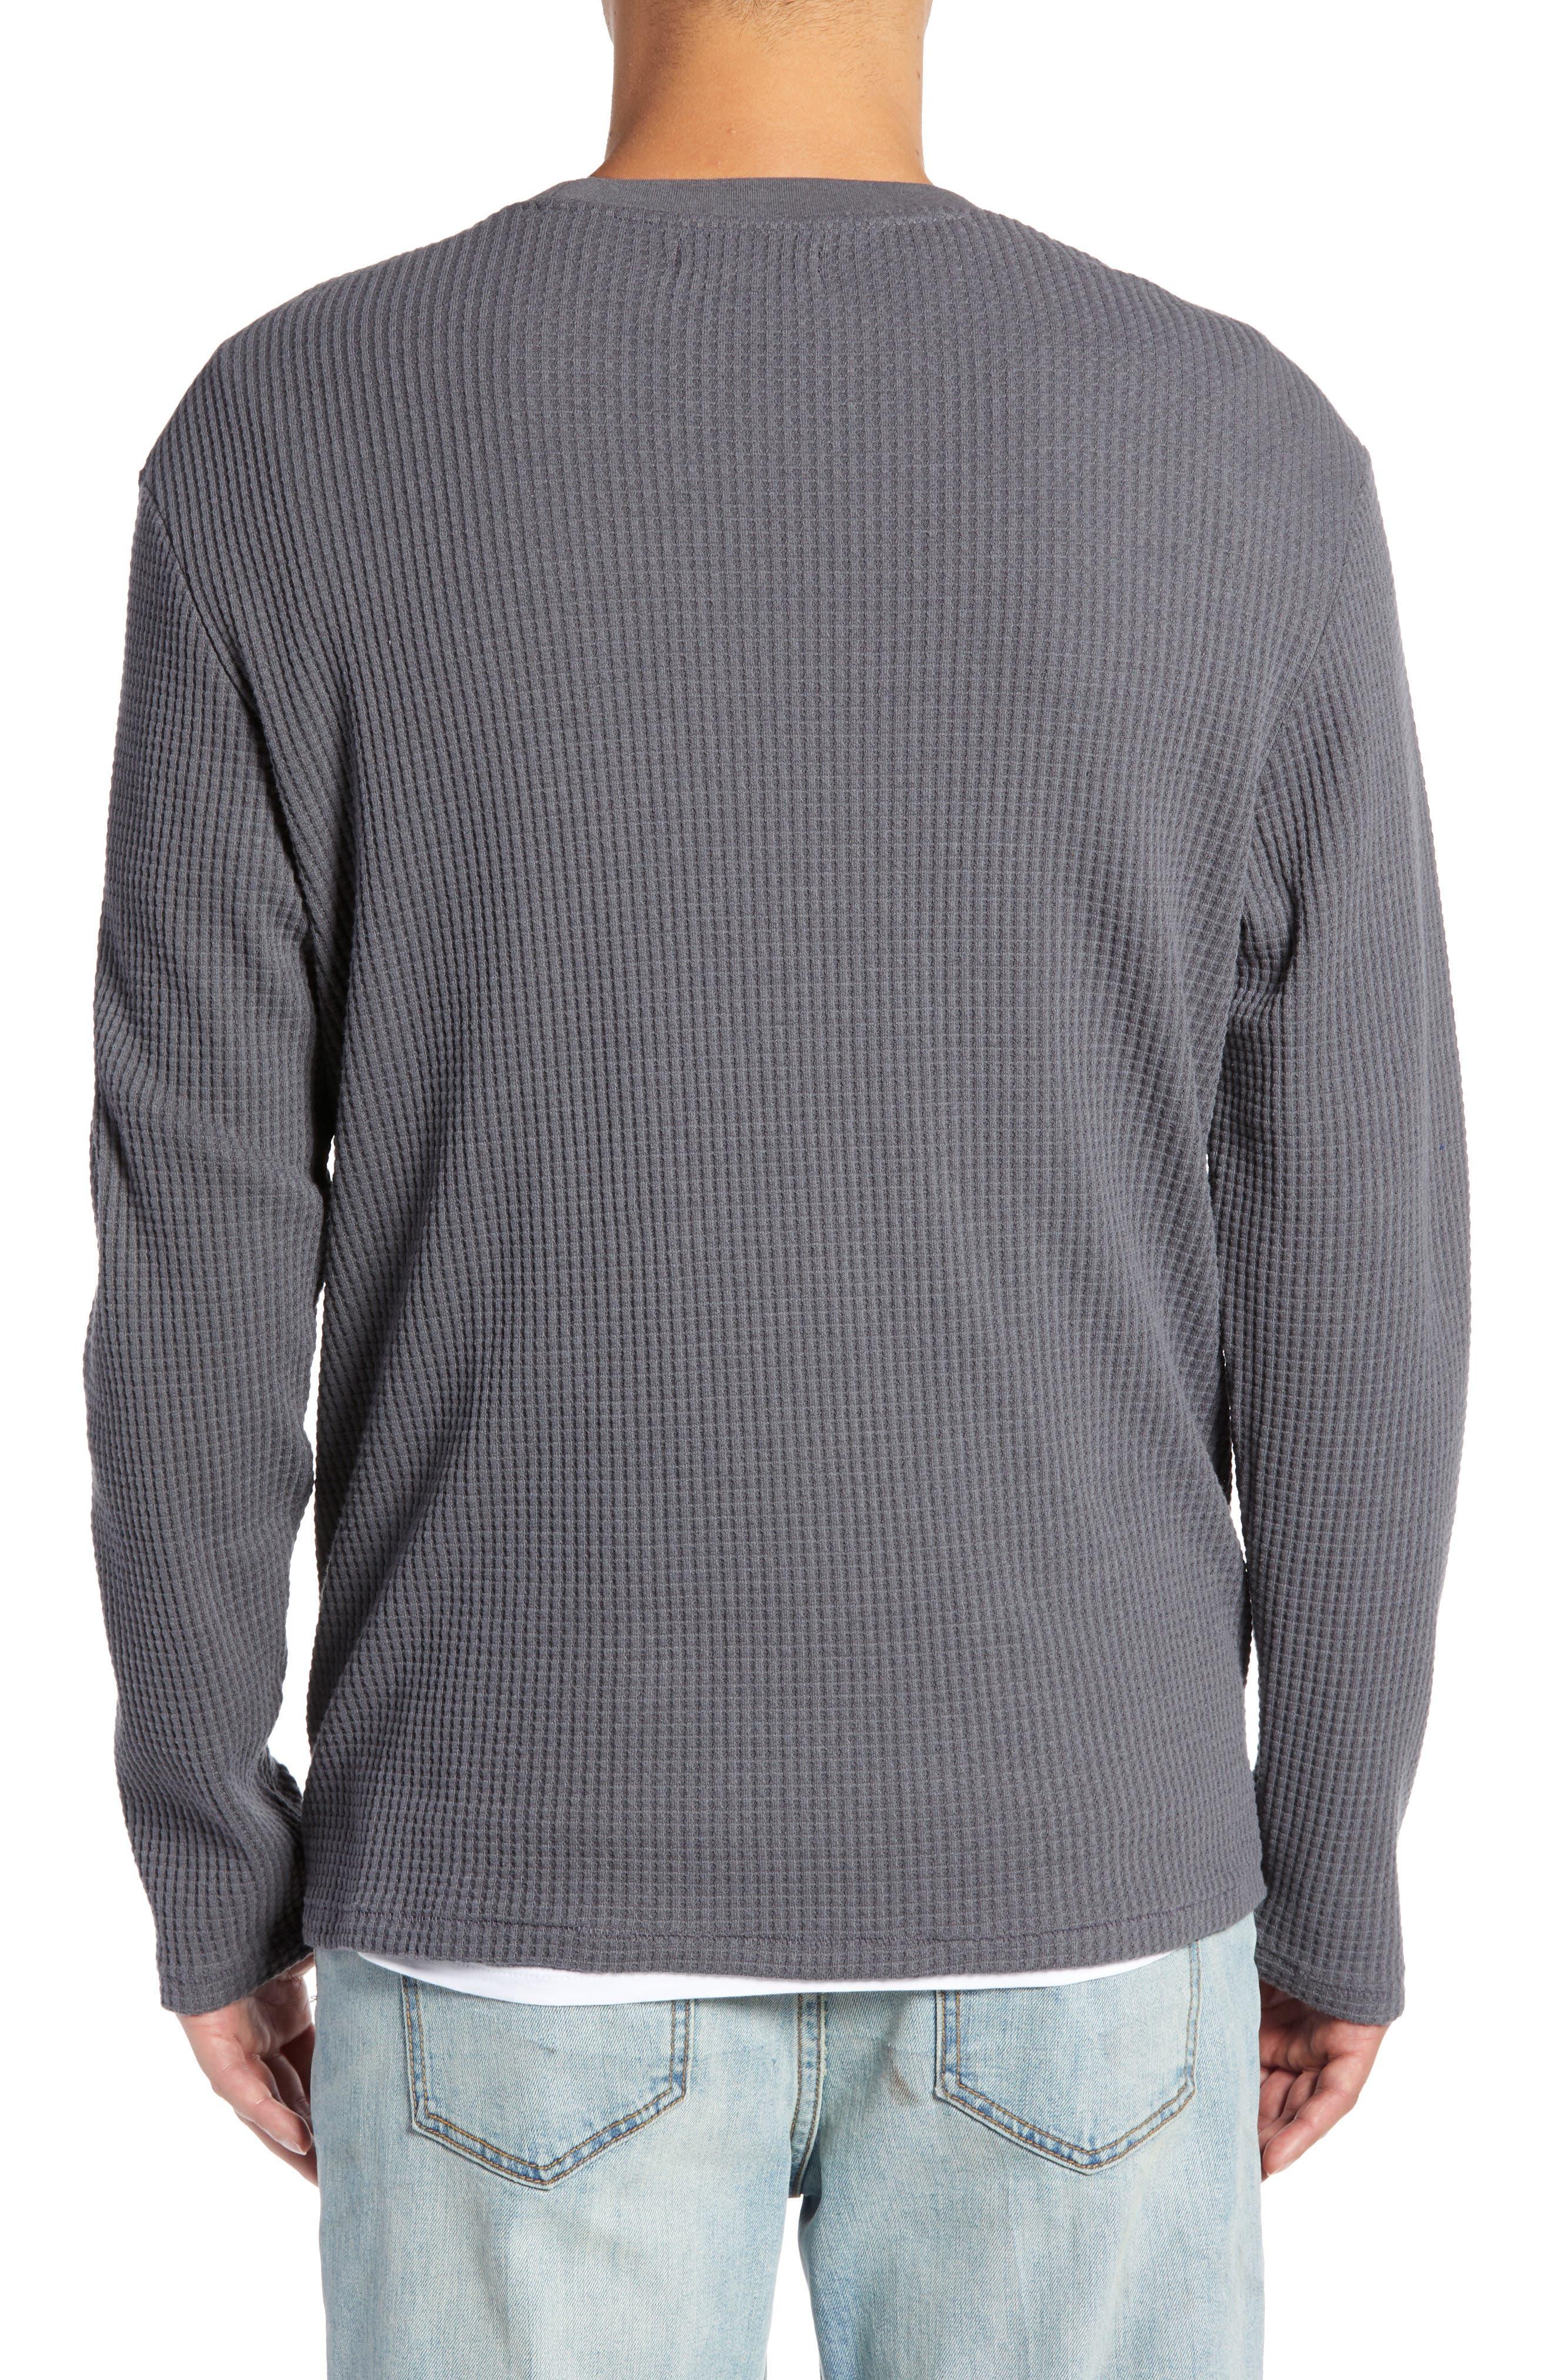 Regular Fit Thermal T-Shirt,                             Alternate thumbnail 2, color,                             GREY TORNADO